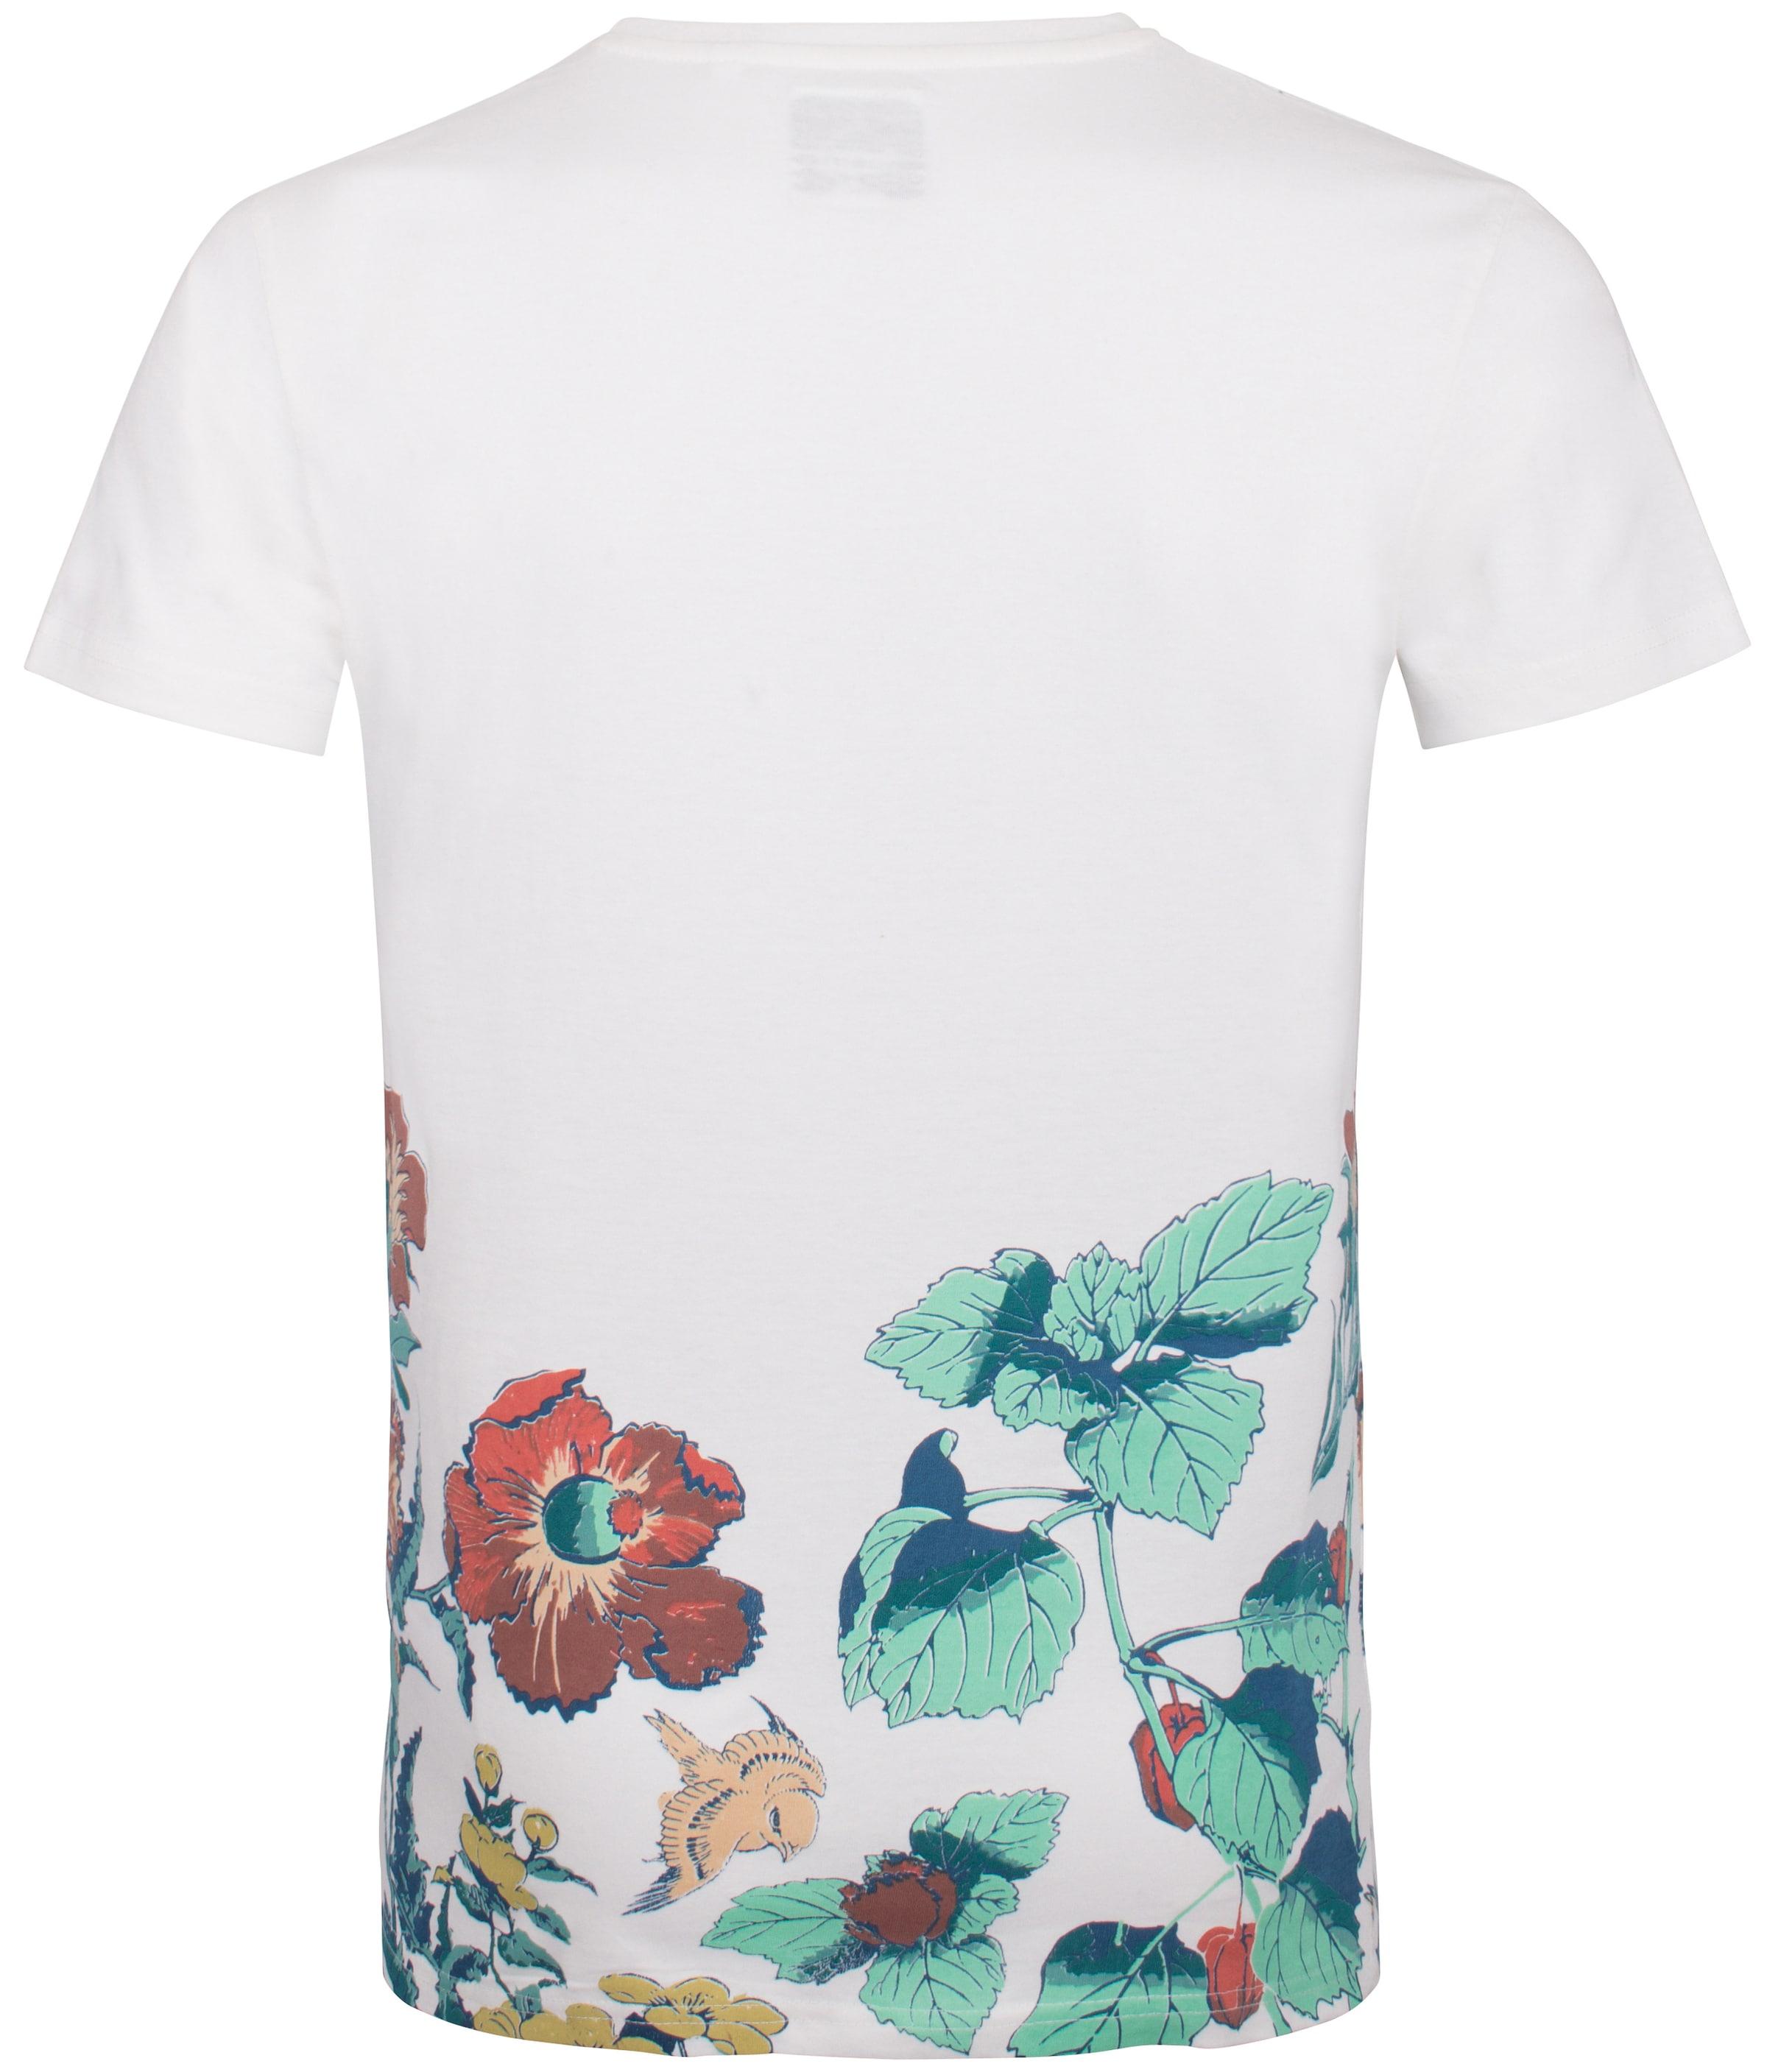 SOULSTAR T-Shirt Schnelle Lieferung 6sDDUIEi